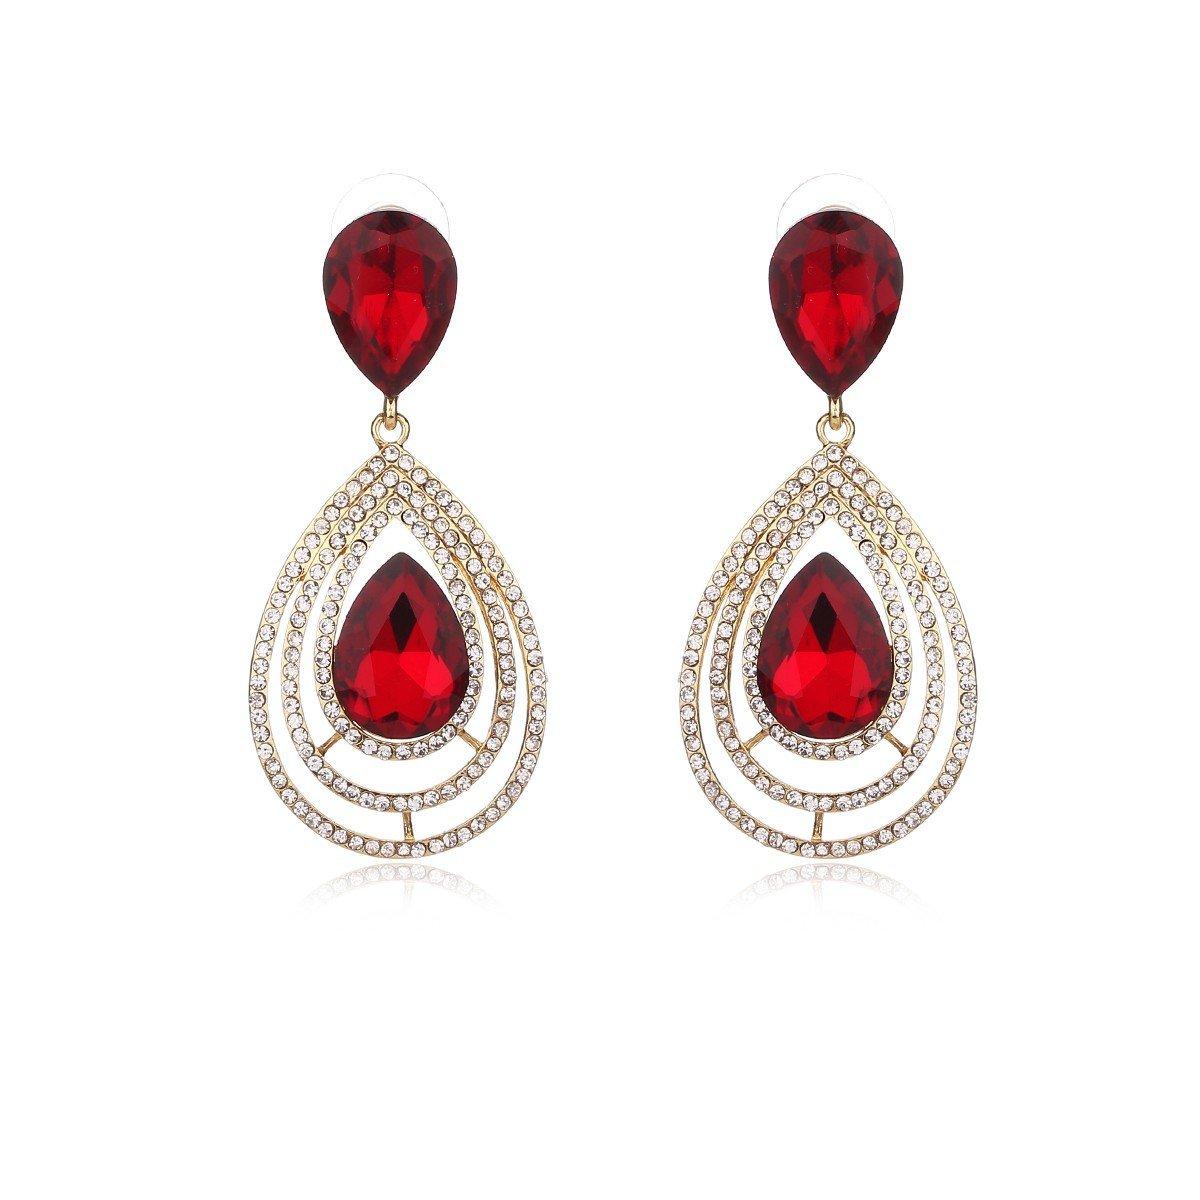 Moochi Drop Shape Red Zirconia Gold Plated Crystal Oval Fashion Earrings JS-W7149